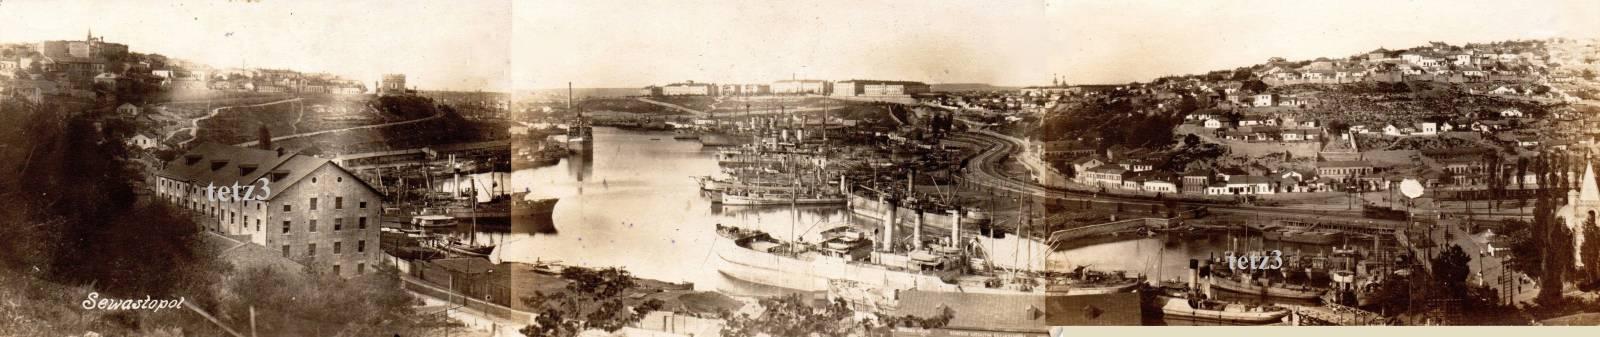 1920. Панорама города